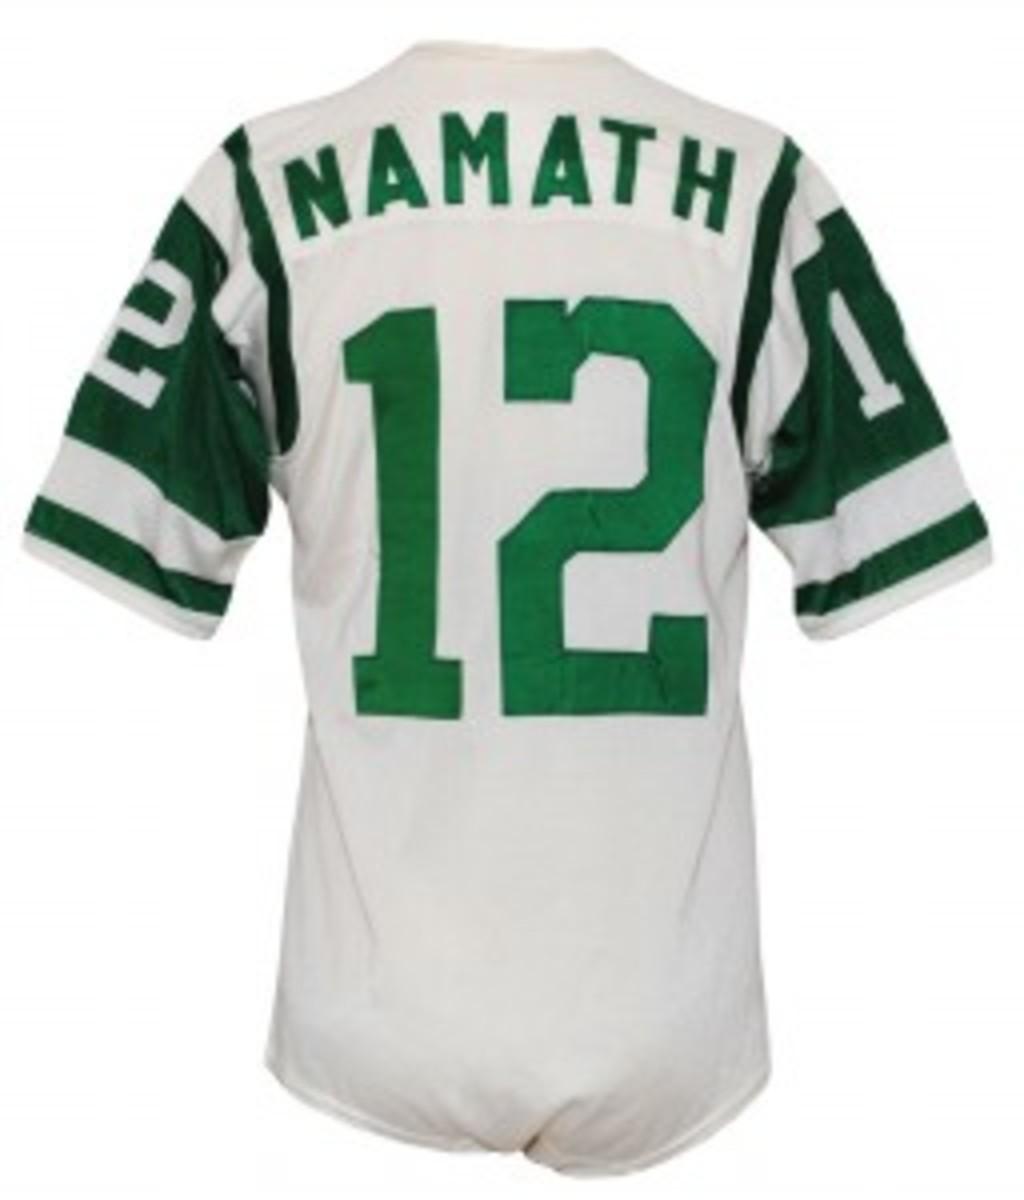 Joe Namath 1966 Jets jersey